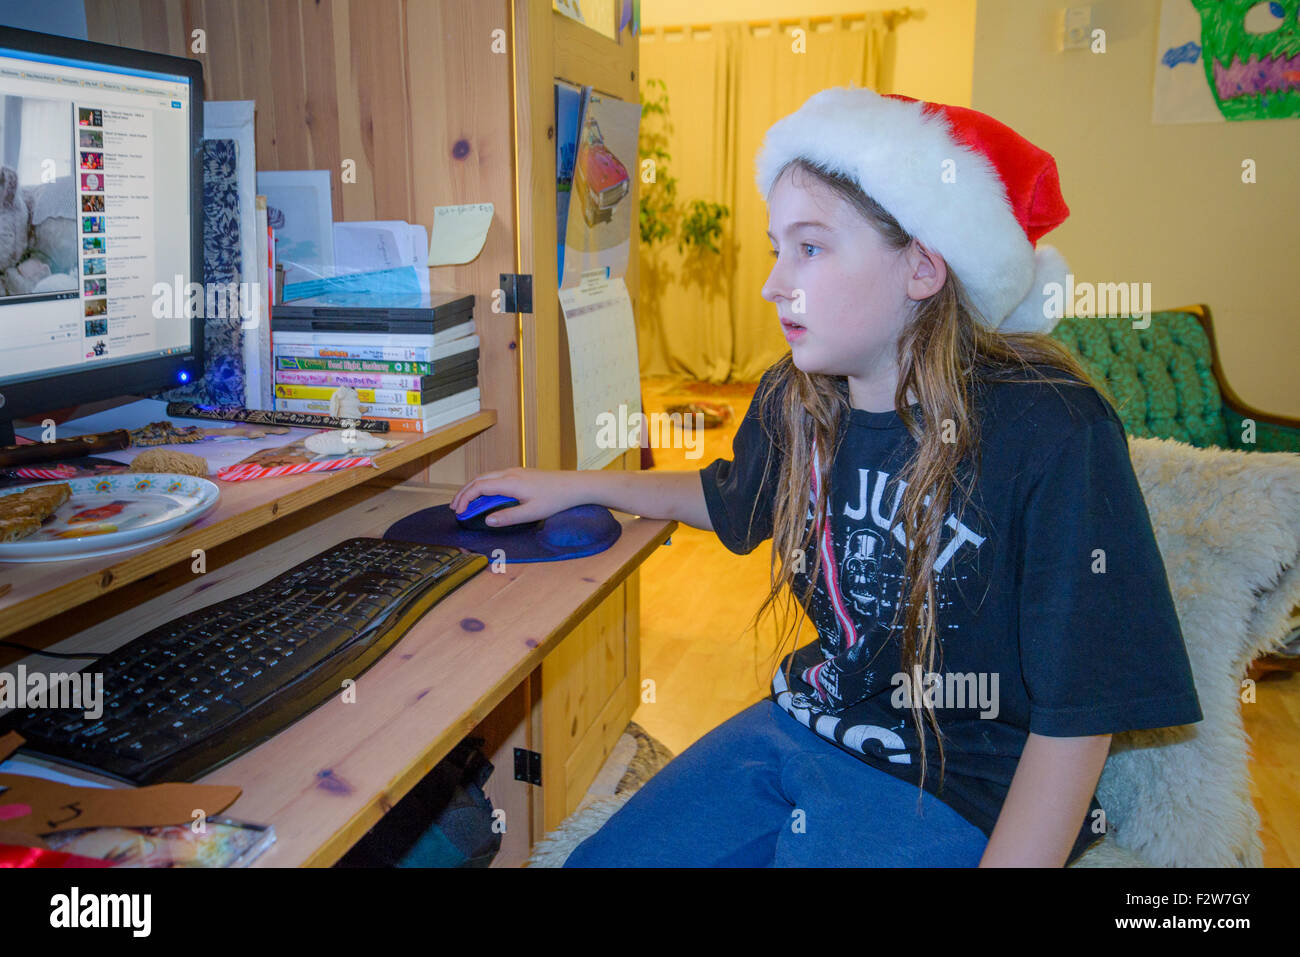 Chico con pelo largo santa hat utilizando el ordenador. Imagen De Stock